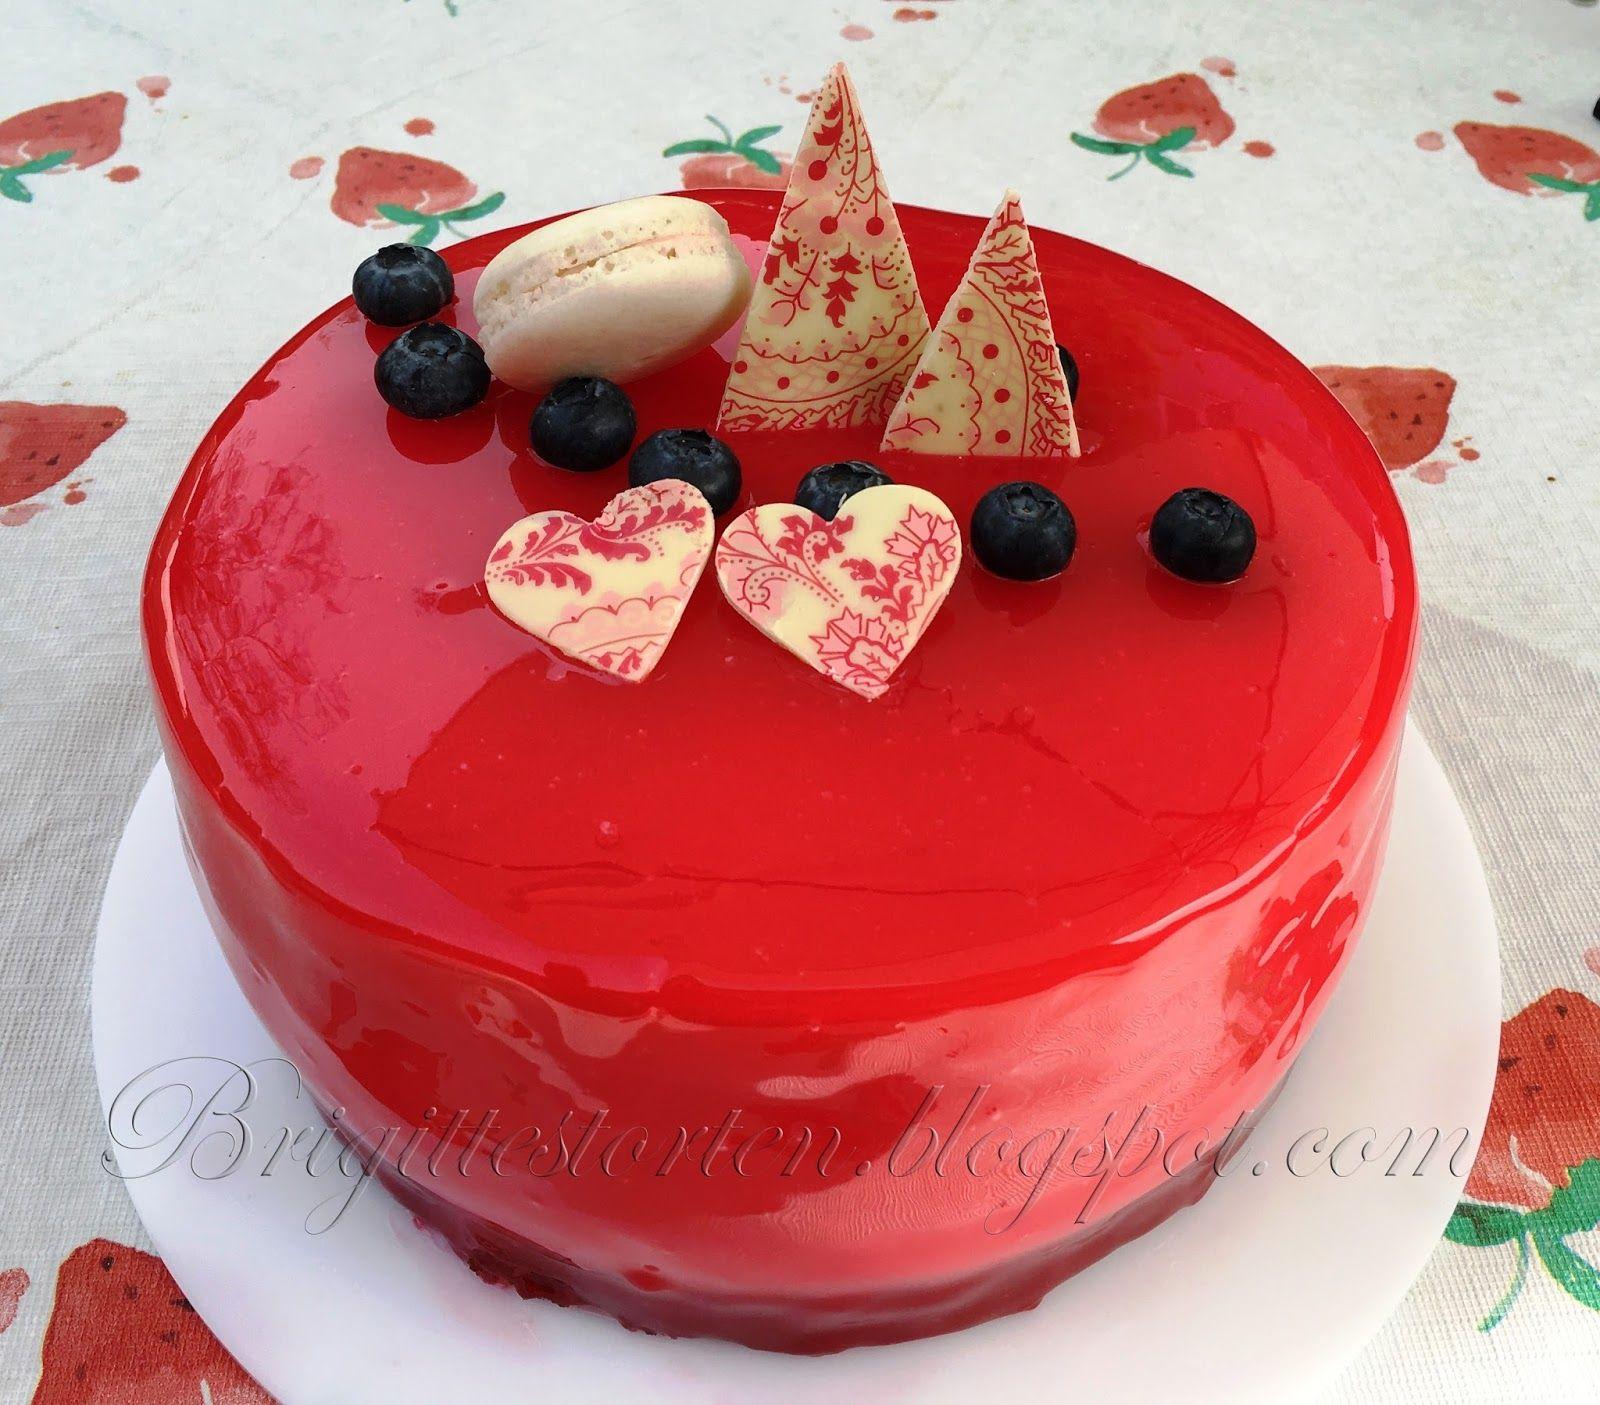 Mirror Glaze Cake Spiegelglanz Torte Mit Bildern Kuchen Und Torten Backen Kuchen